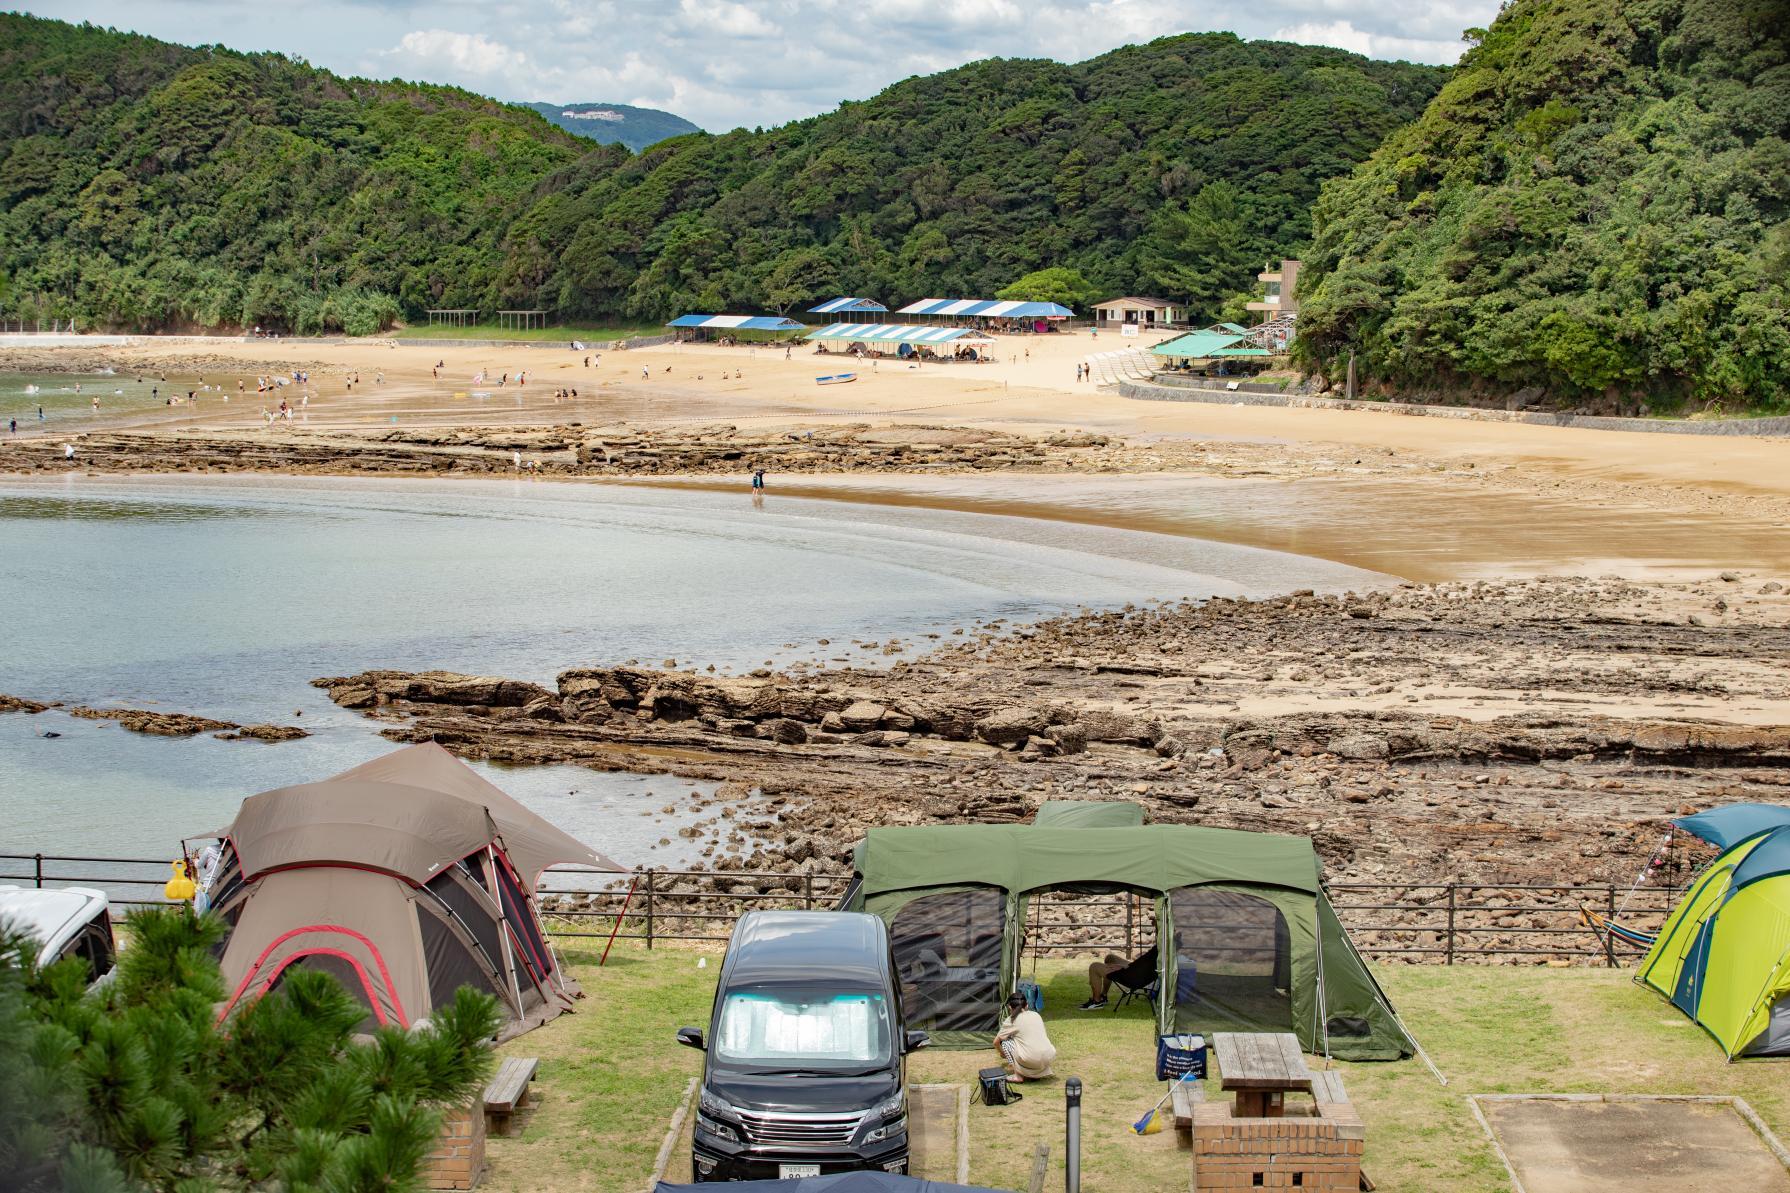 佐世保最大の海水浴場「白浜海水浴場」と「白浜キャンプ場」で海をたらふく楽しむ!-3